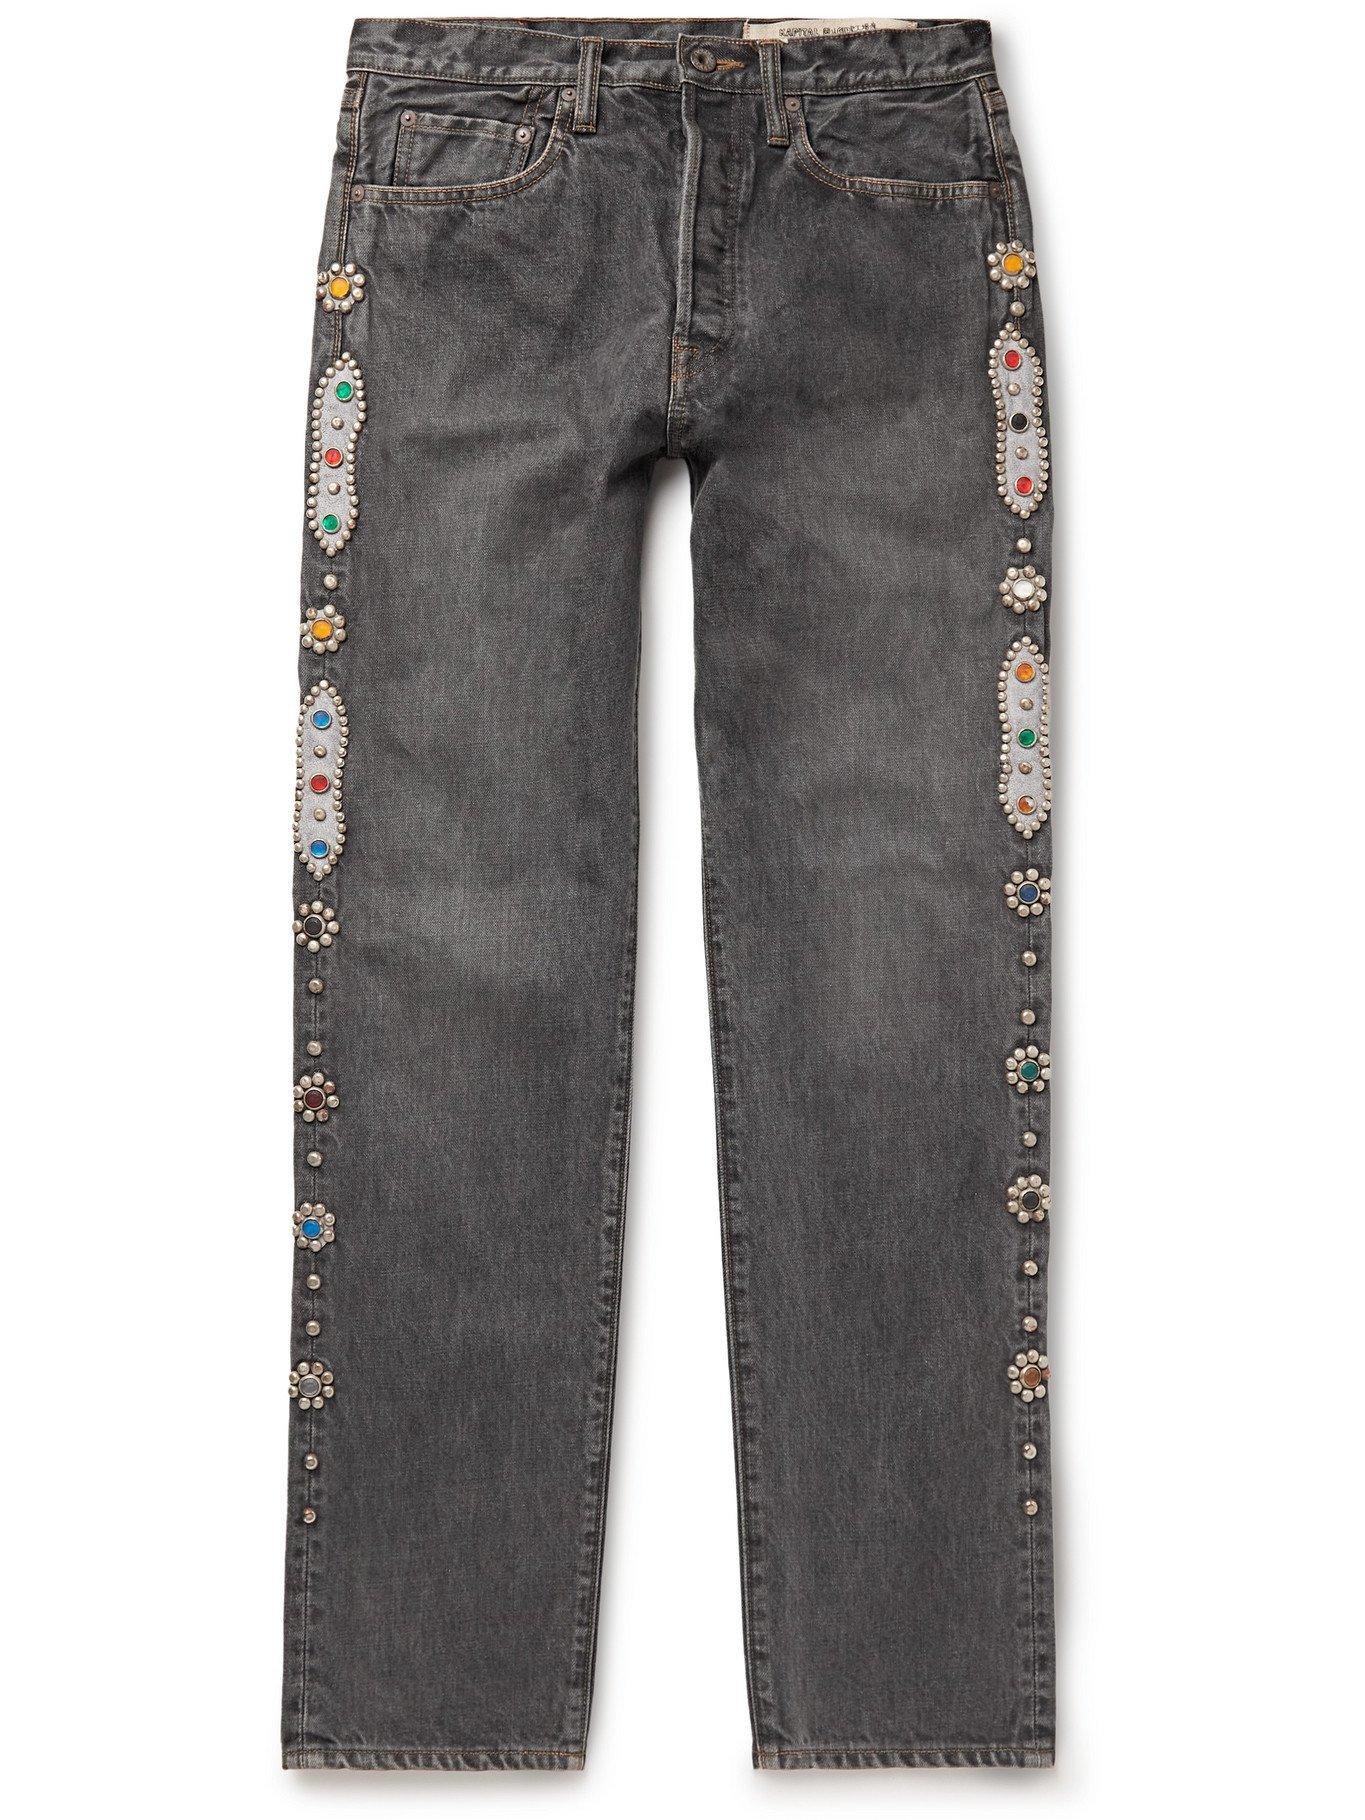 KAPITAL - Embellished Denim Jeans - Black